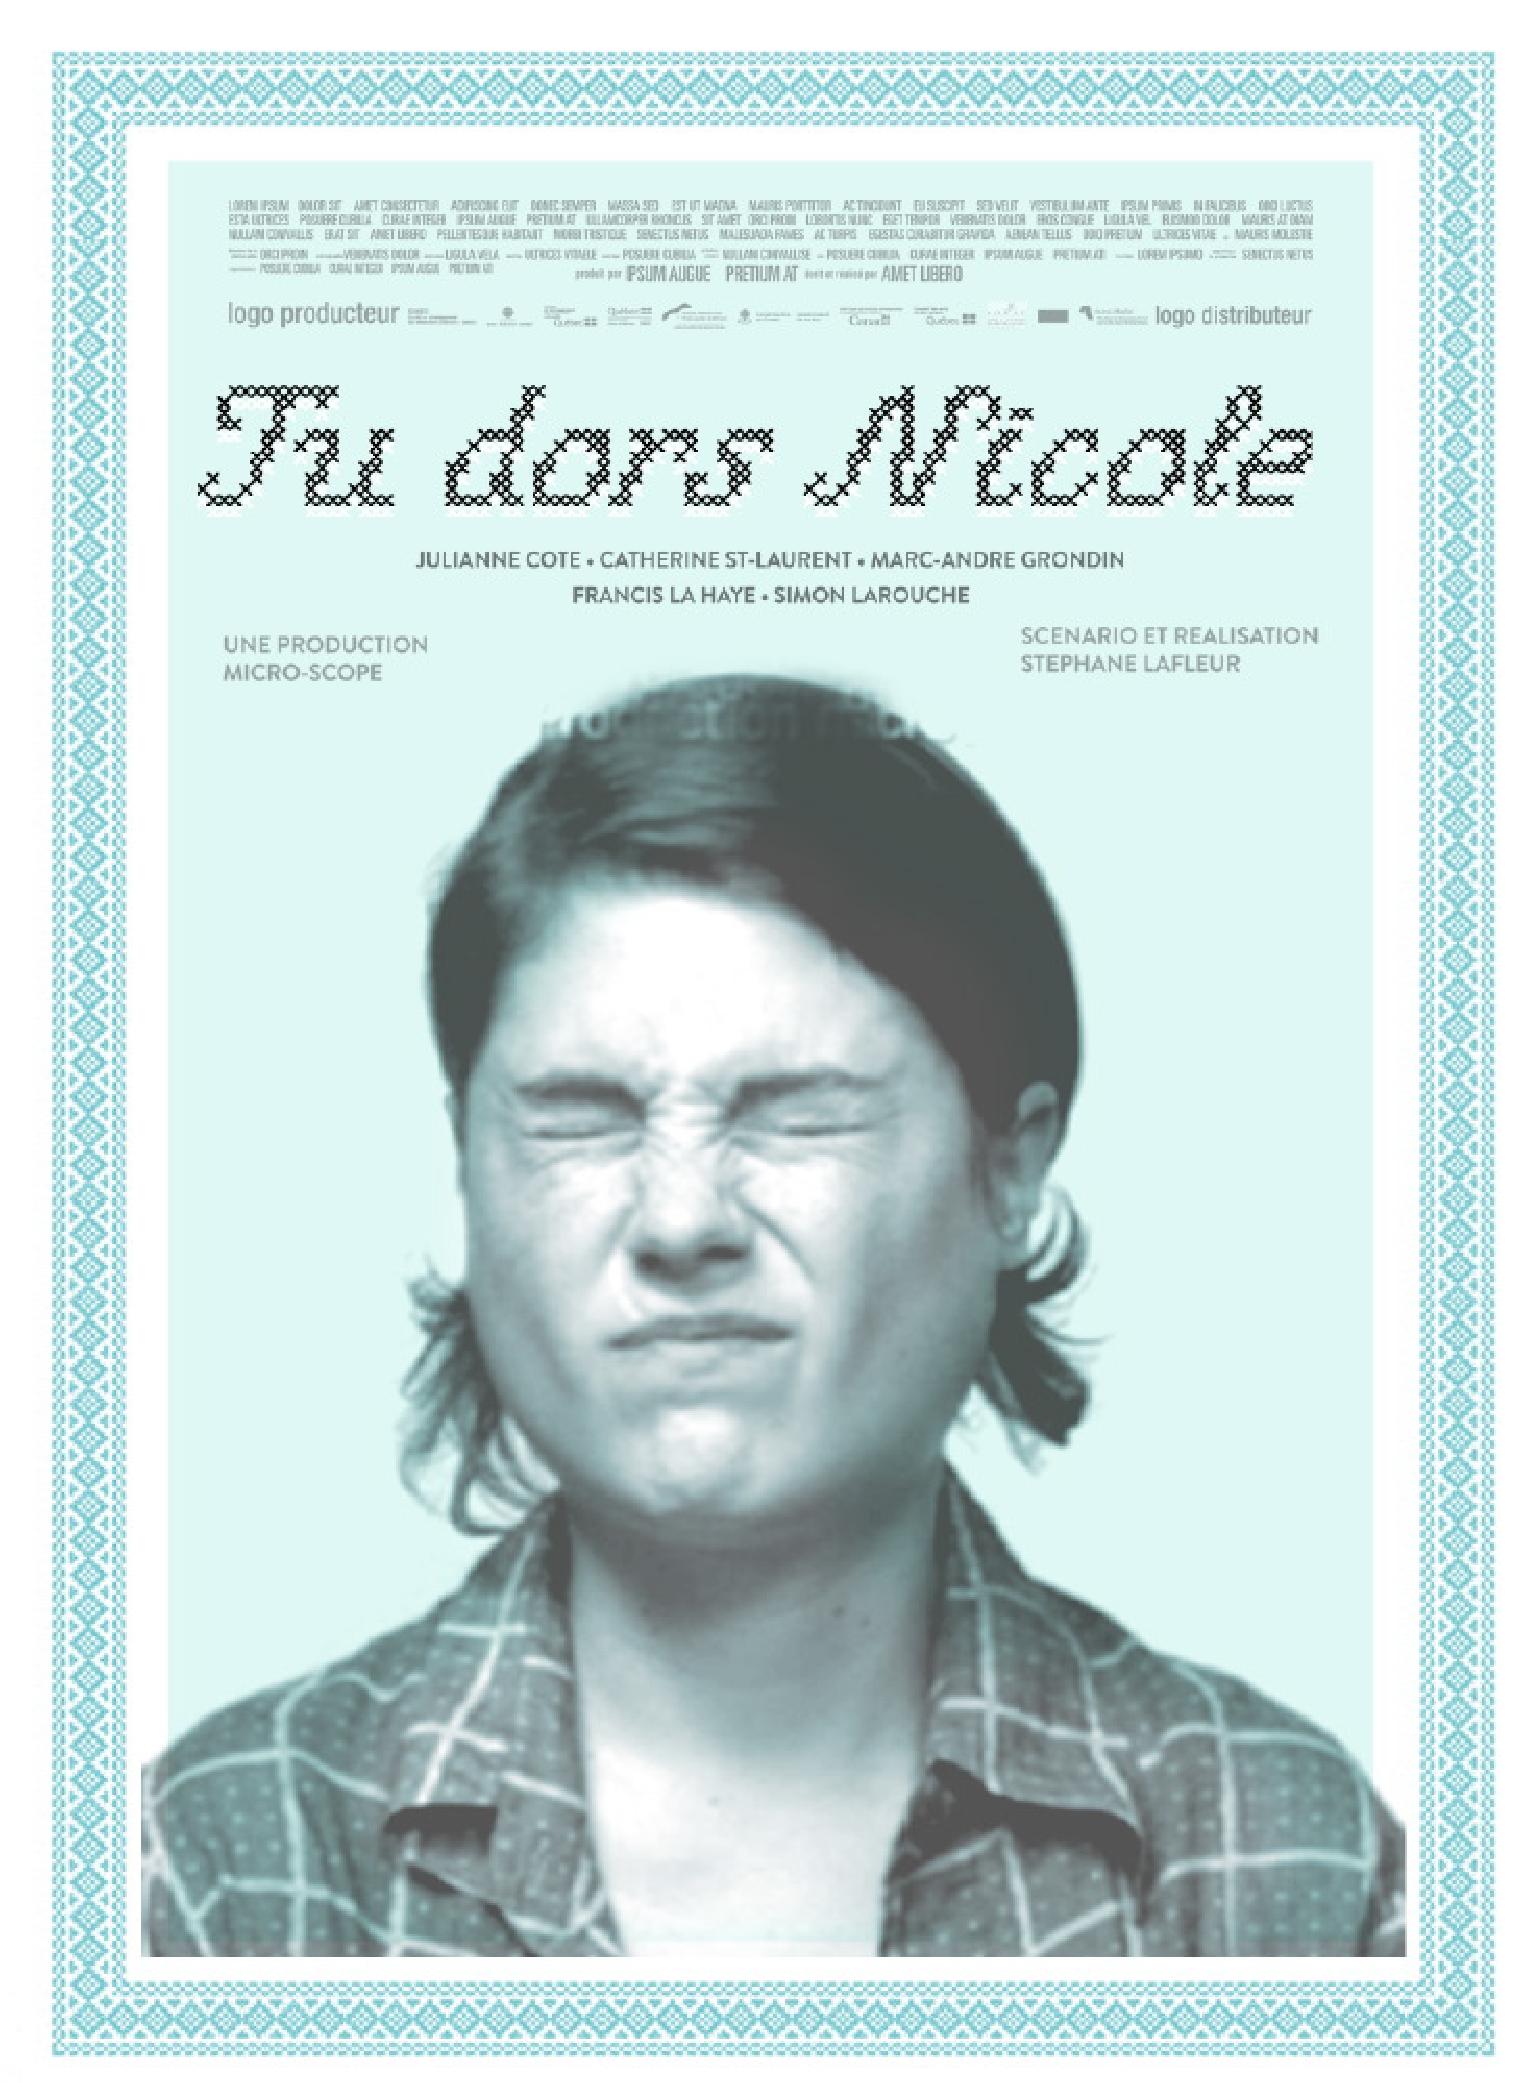 RENZO-TuDorsNicole-Poster-7fev_00007.jpg